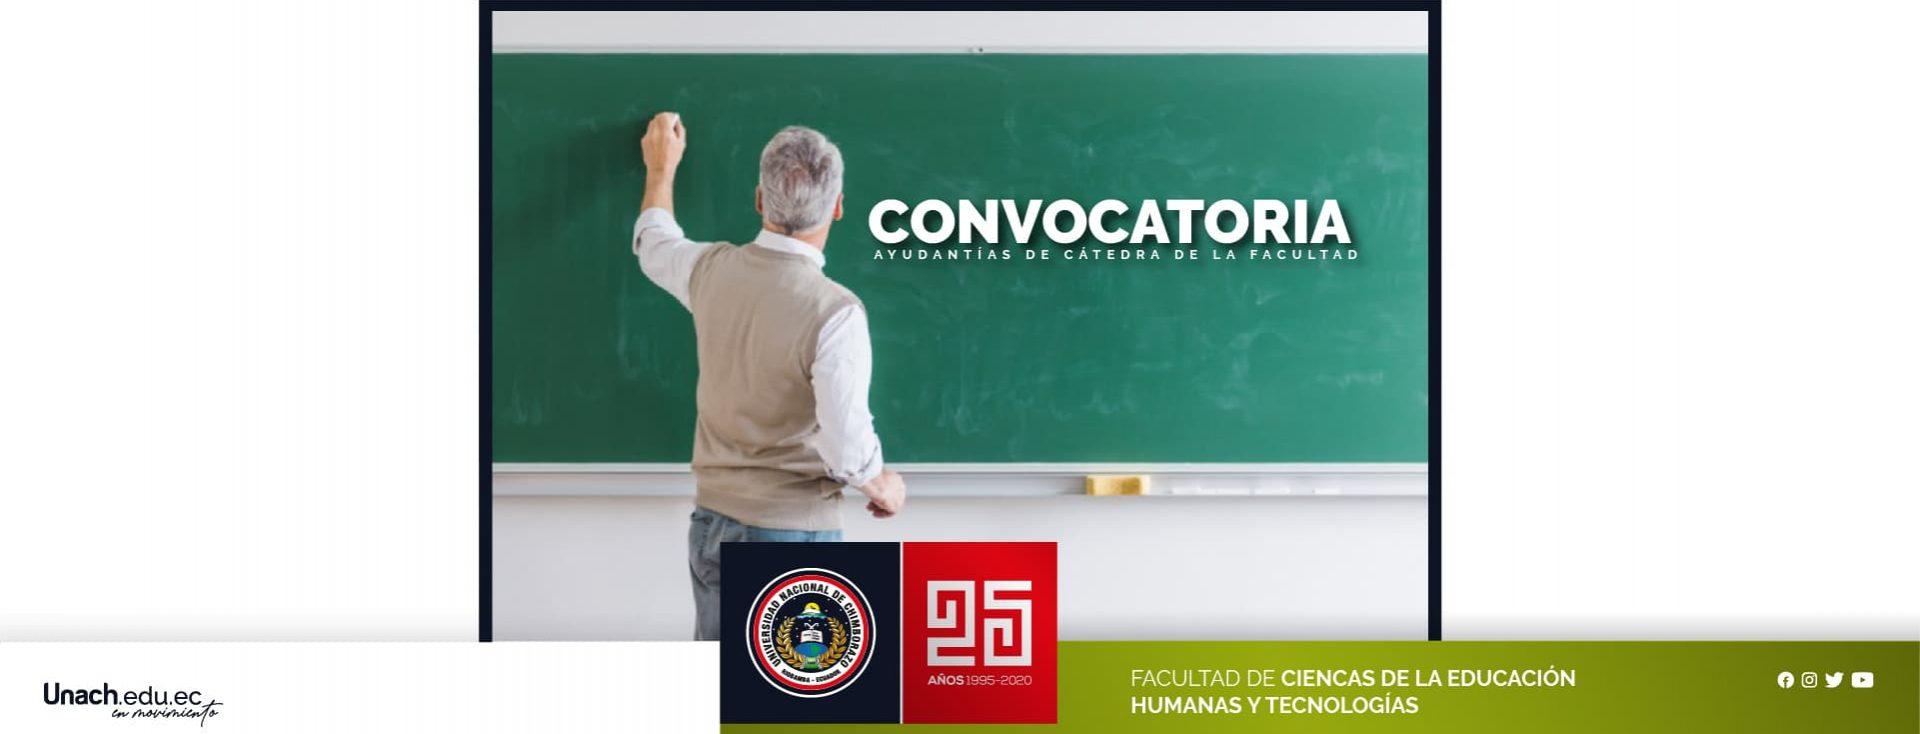 CONVOCATORIA AYUDANTÍAS DE CÁTEDRA DE LA FACULTAD